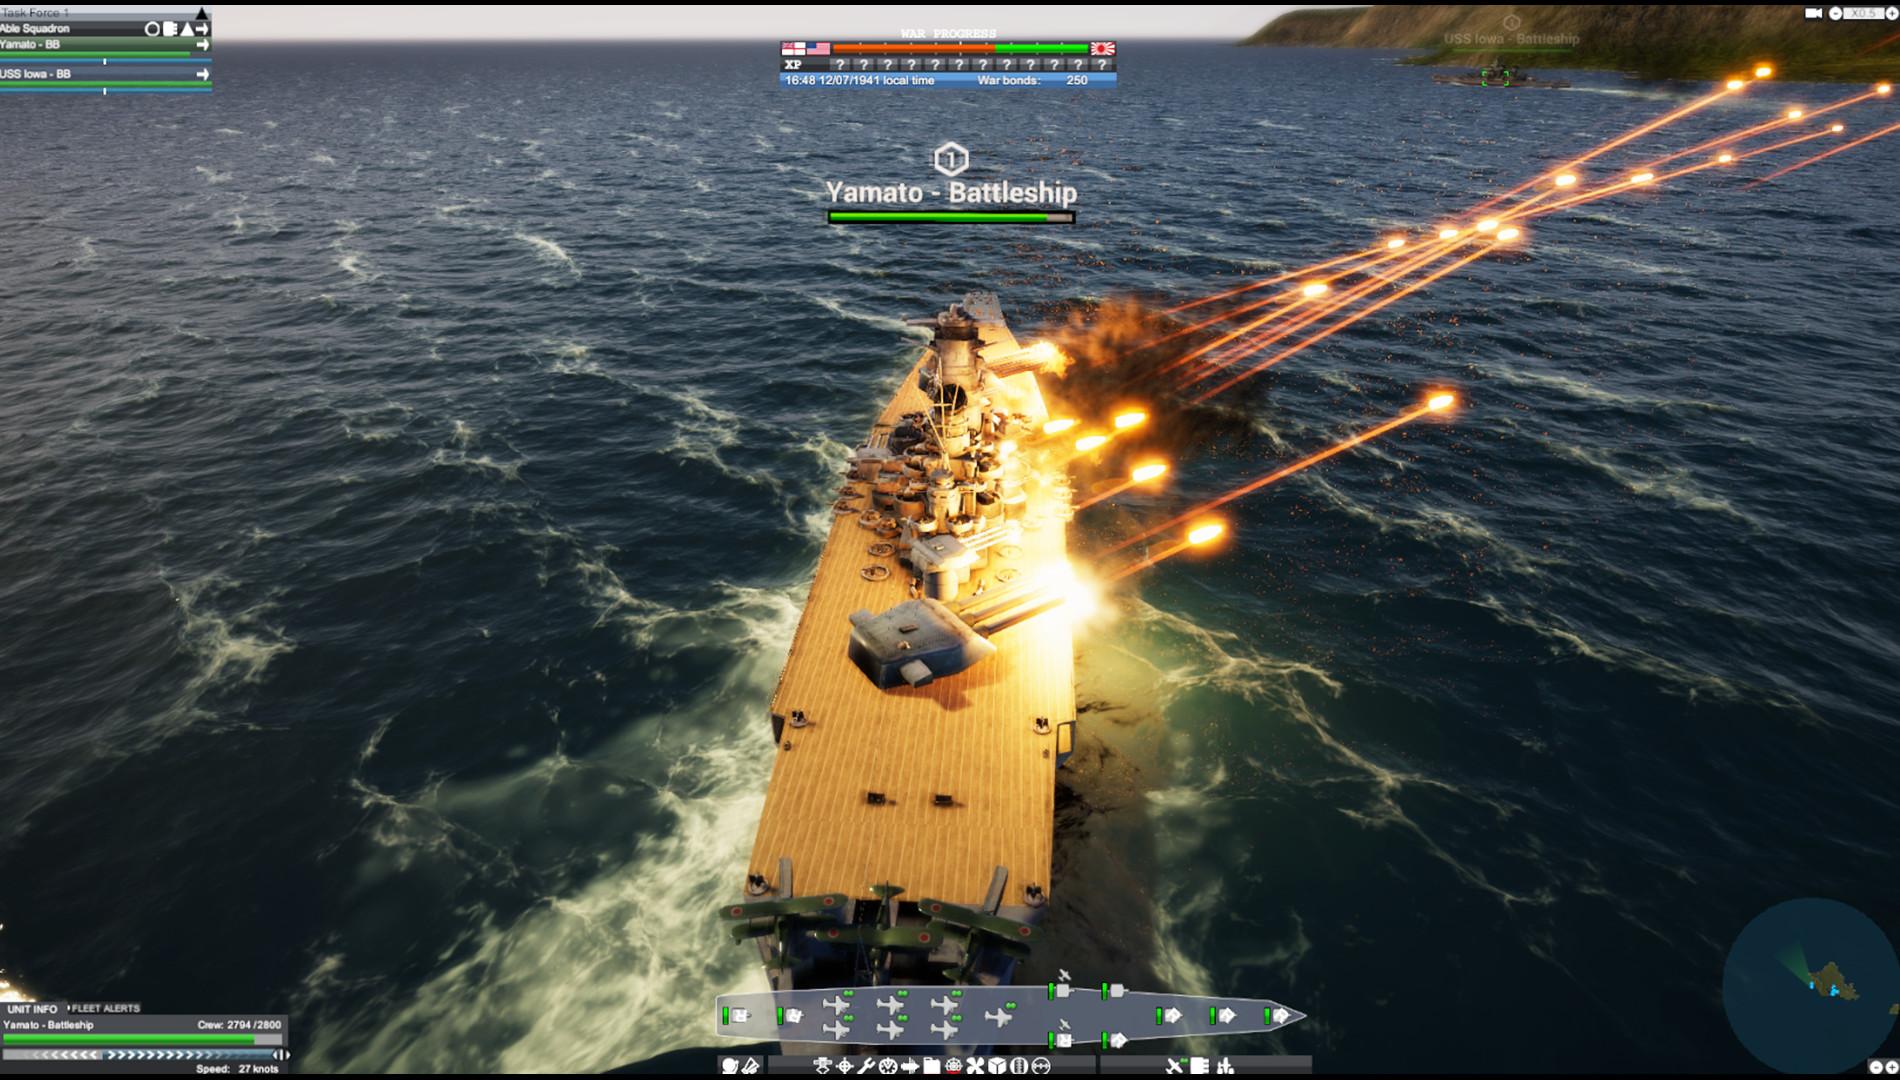 victory-at-sea-pacific-pc-screenshot-03